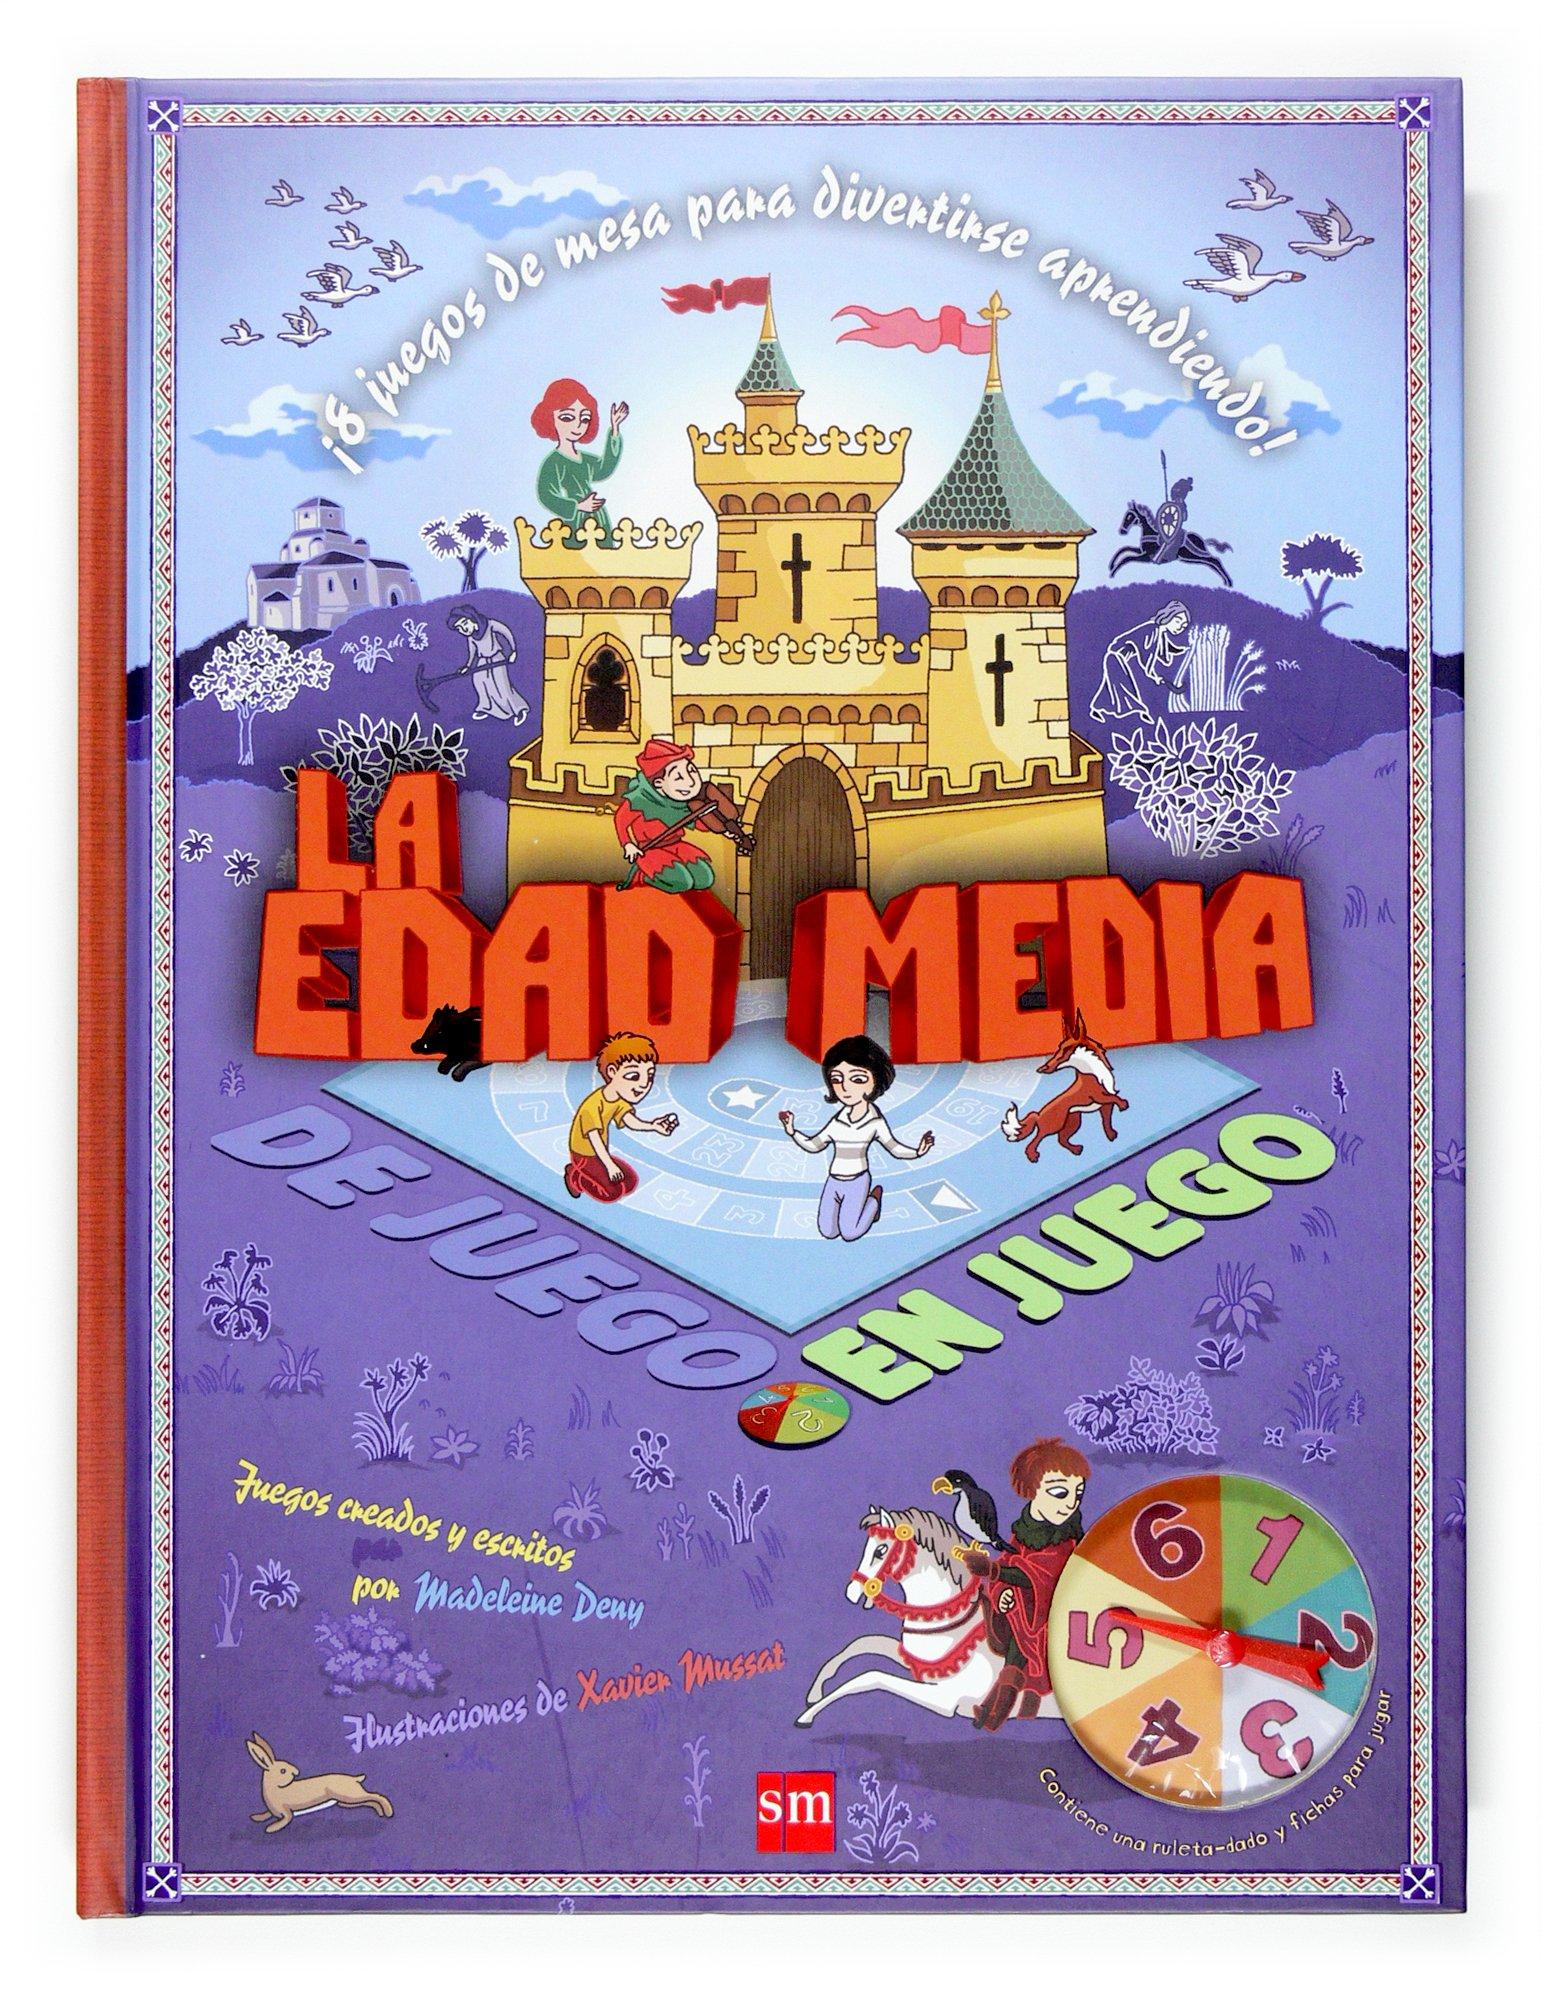 La Edad Media (De juego en juego): Amazon.es: Deny, Madeleine, Mussat, Xavier, Rodríguez Pérez, Marisa: Libros